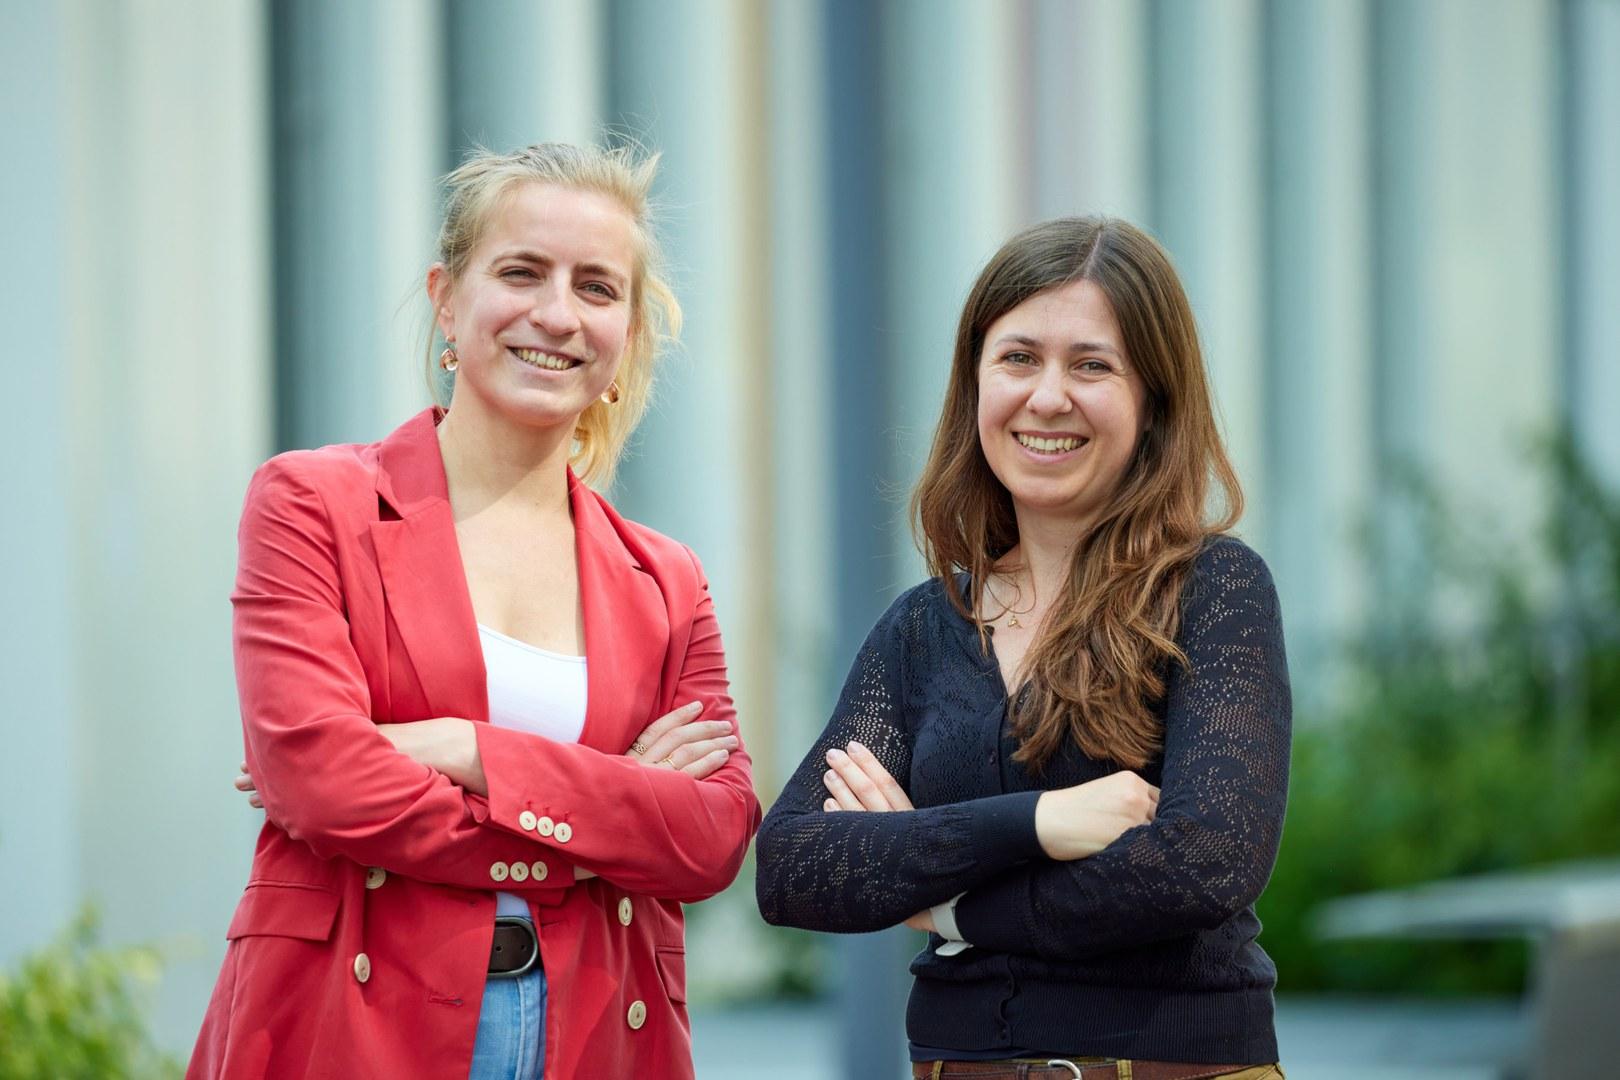 Die beiden neuen Argelander-Professorinnen